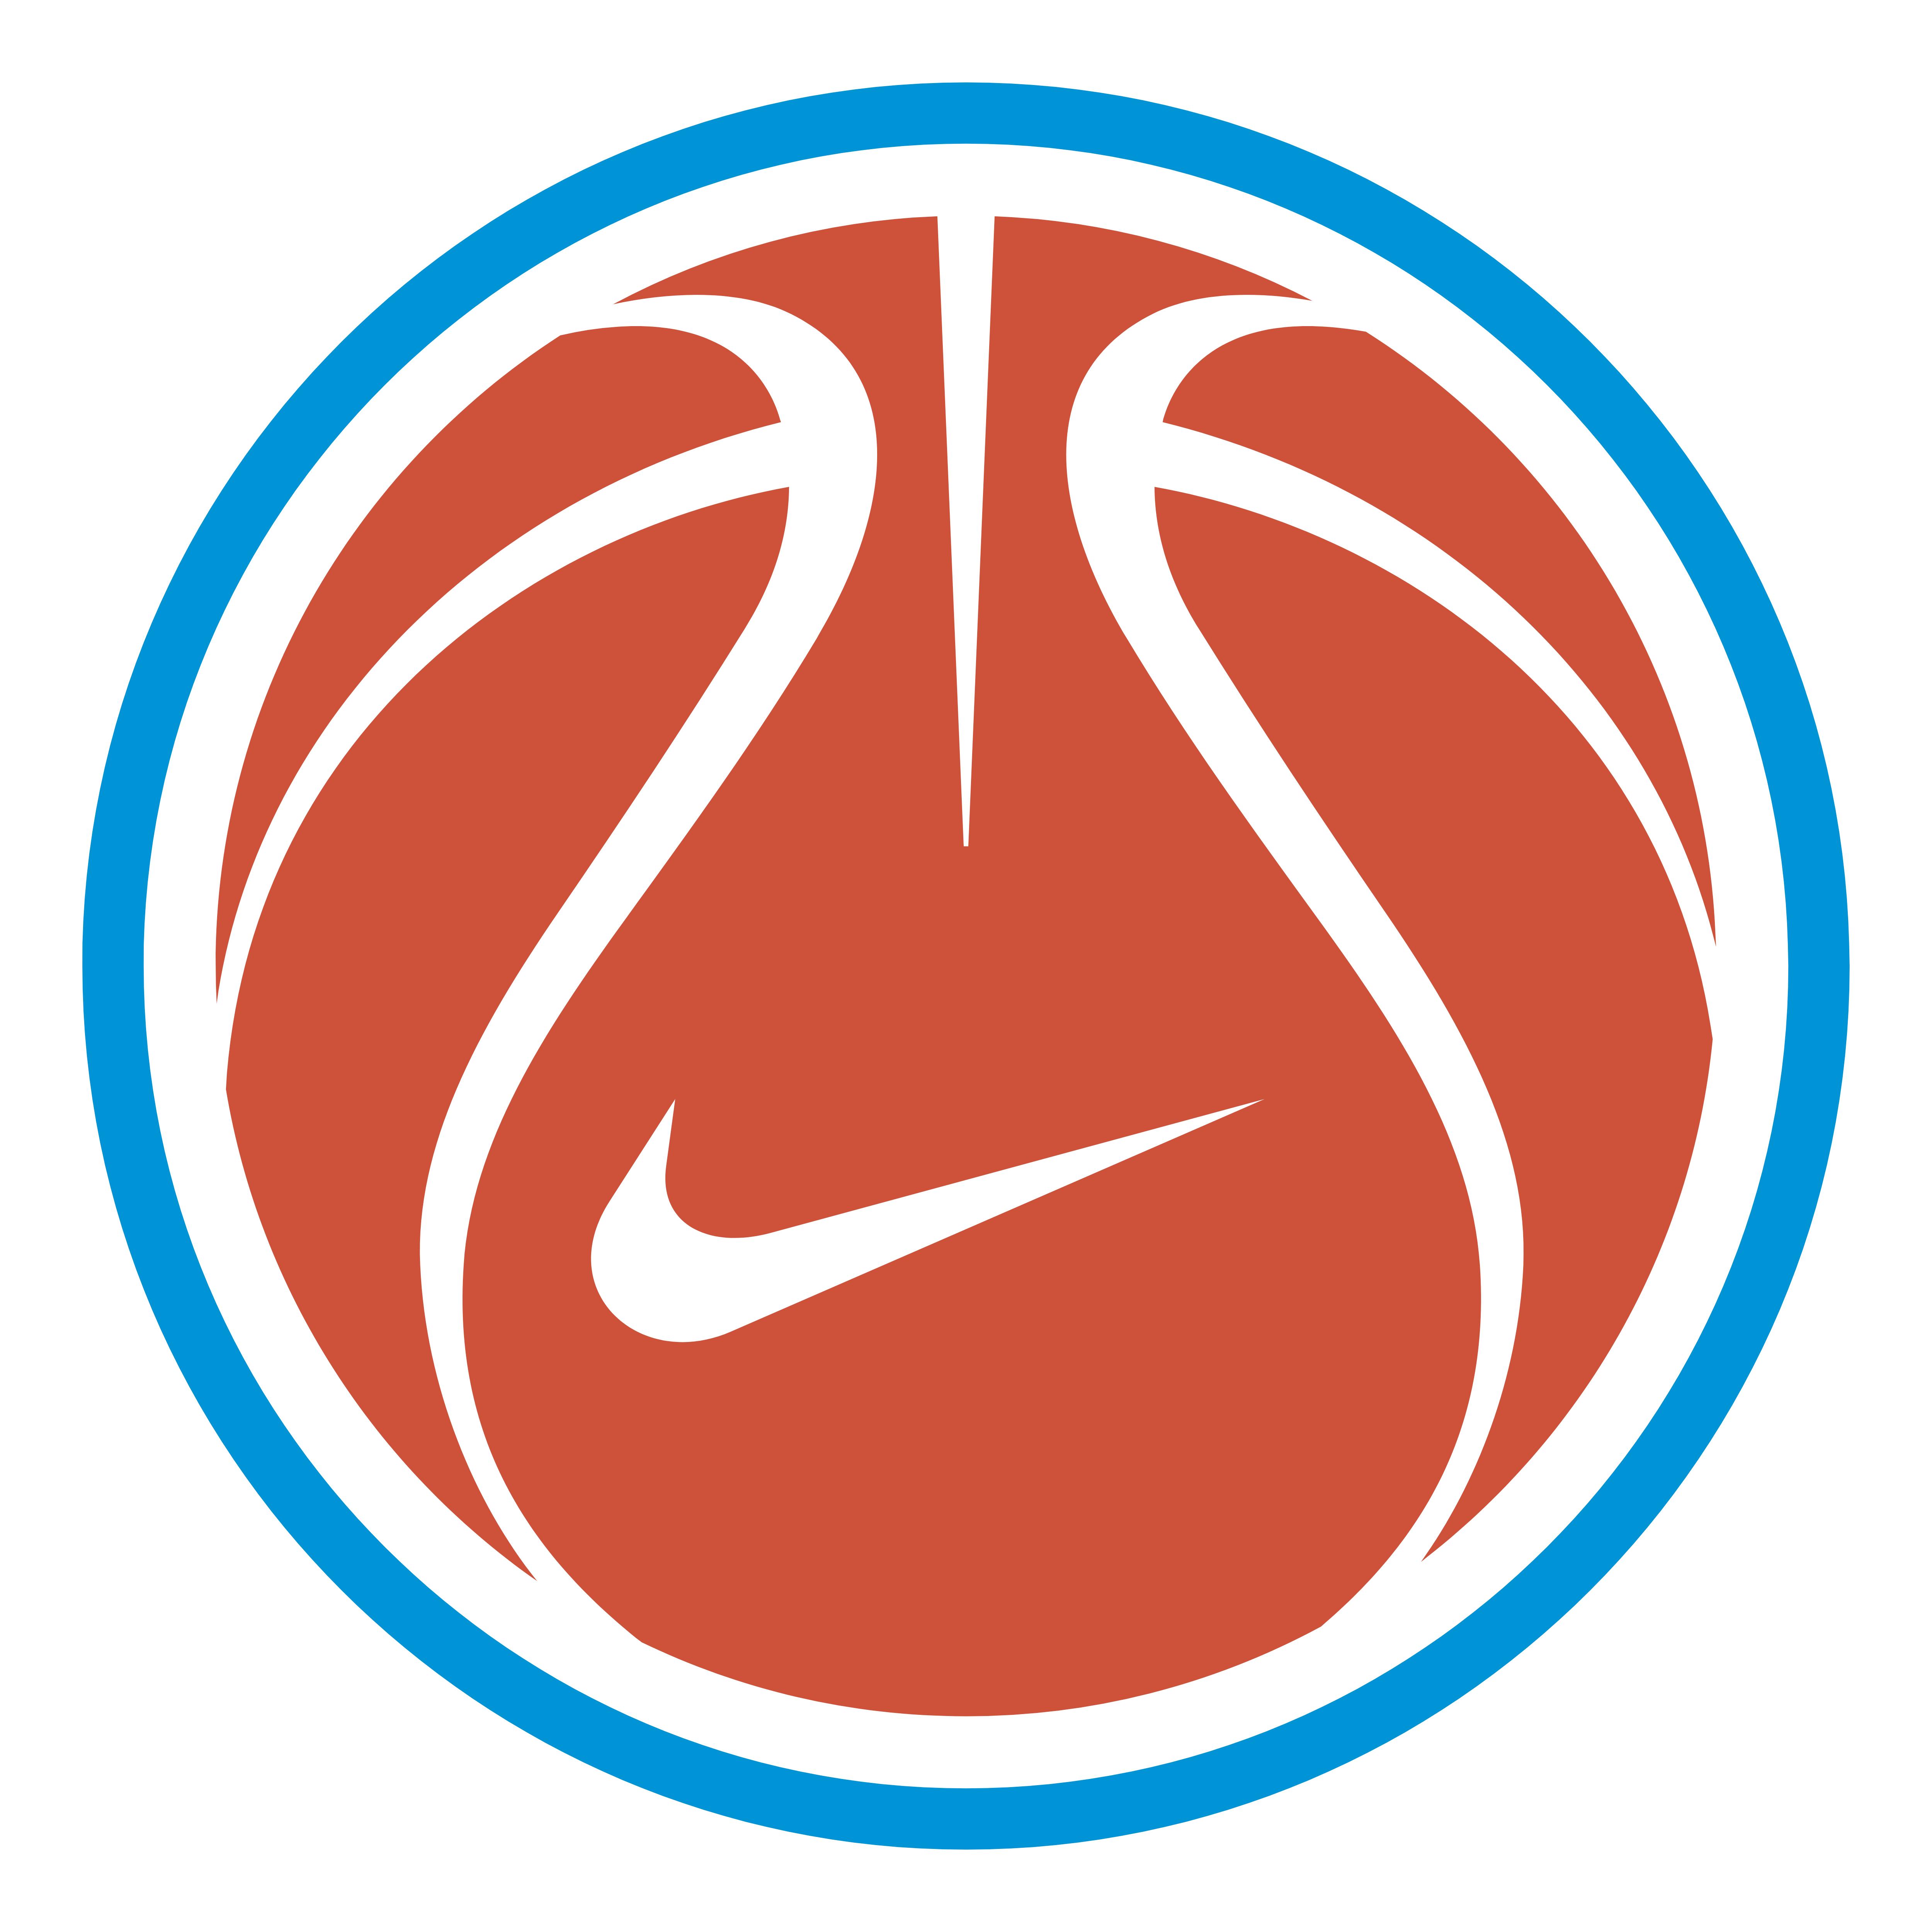 paquete elegante y resistente la mejor moda comprar lo mejor Nike – Logos Download